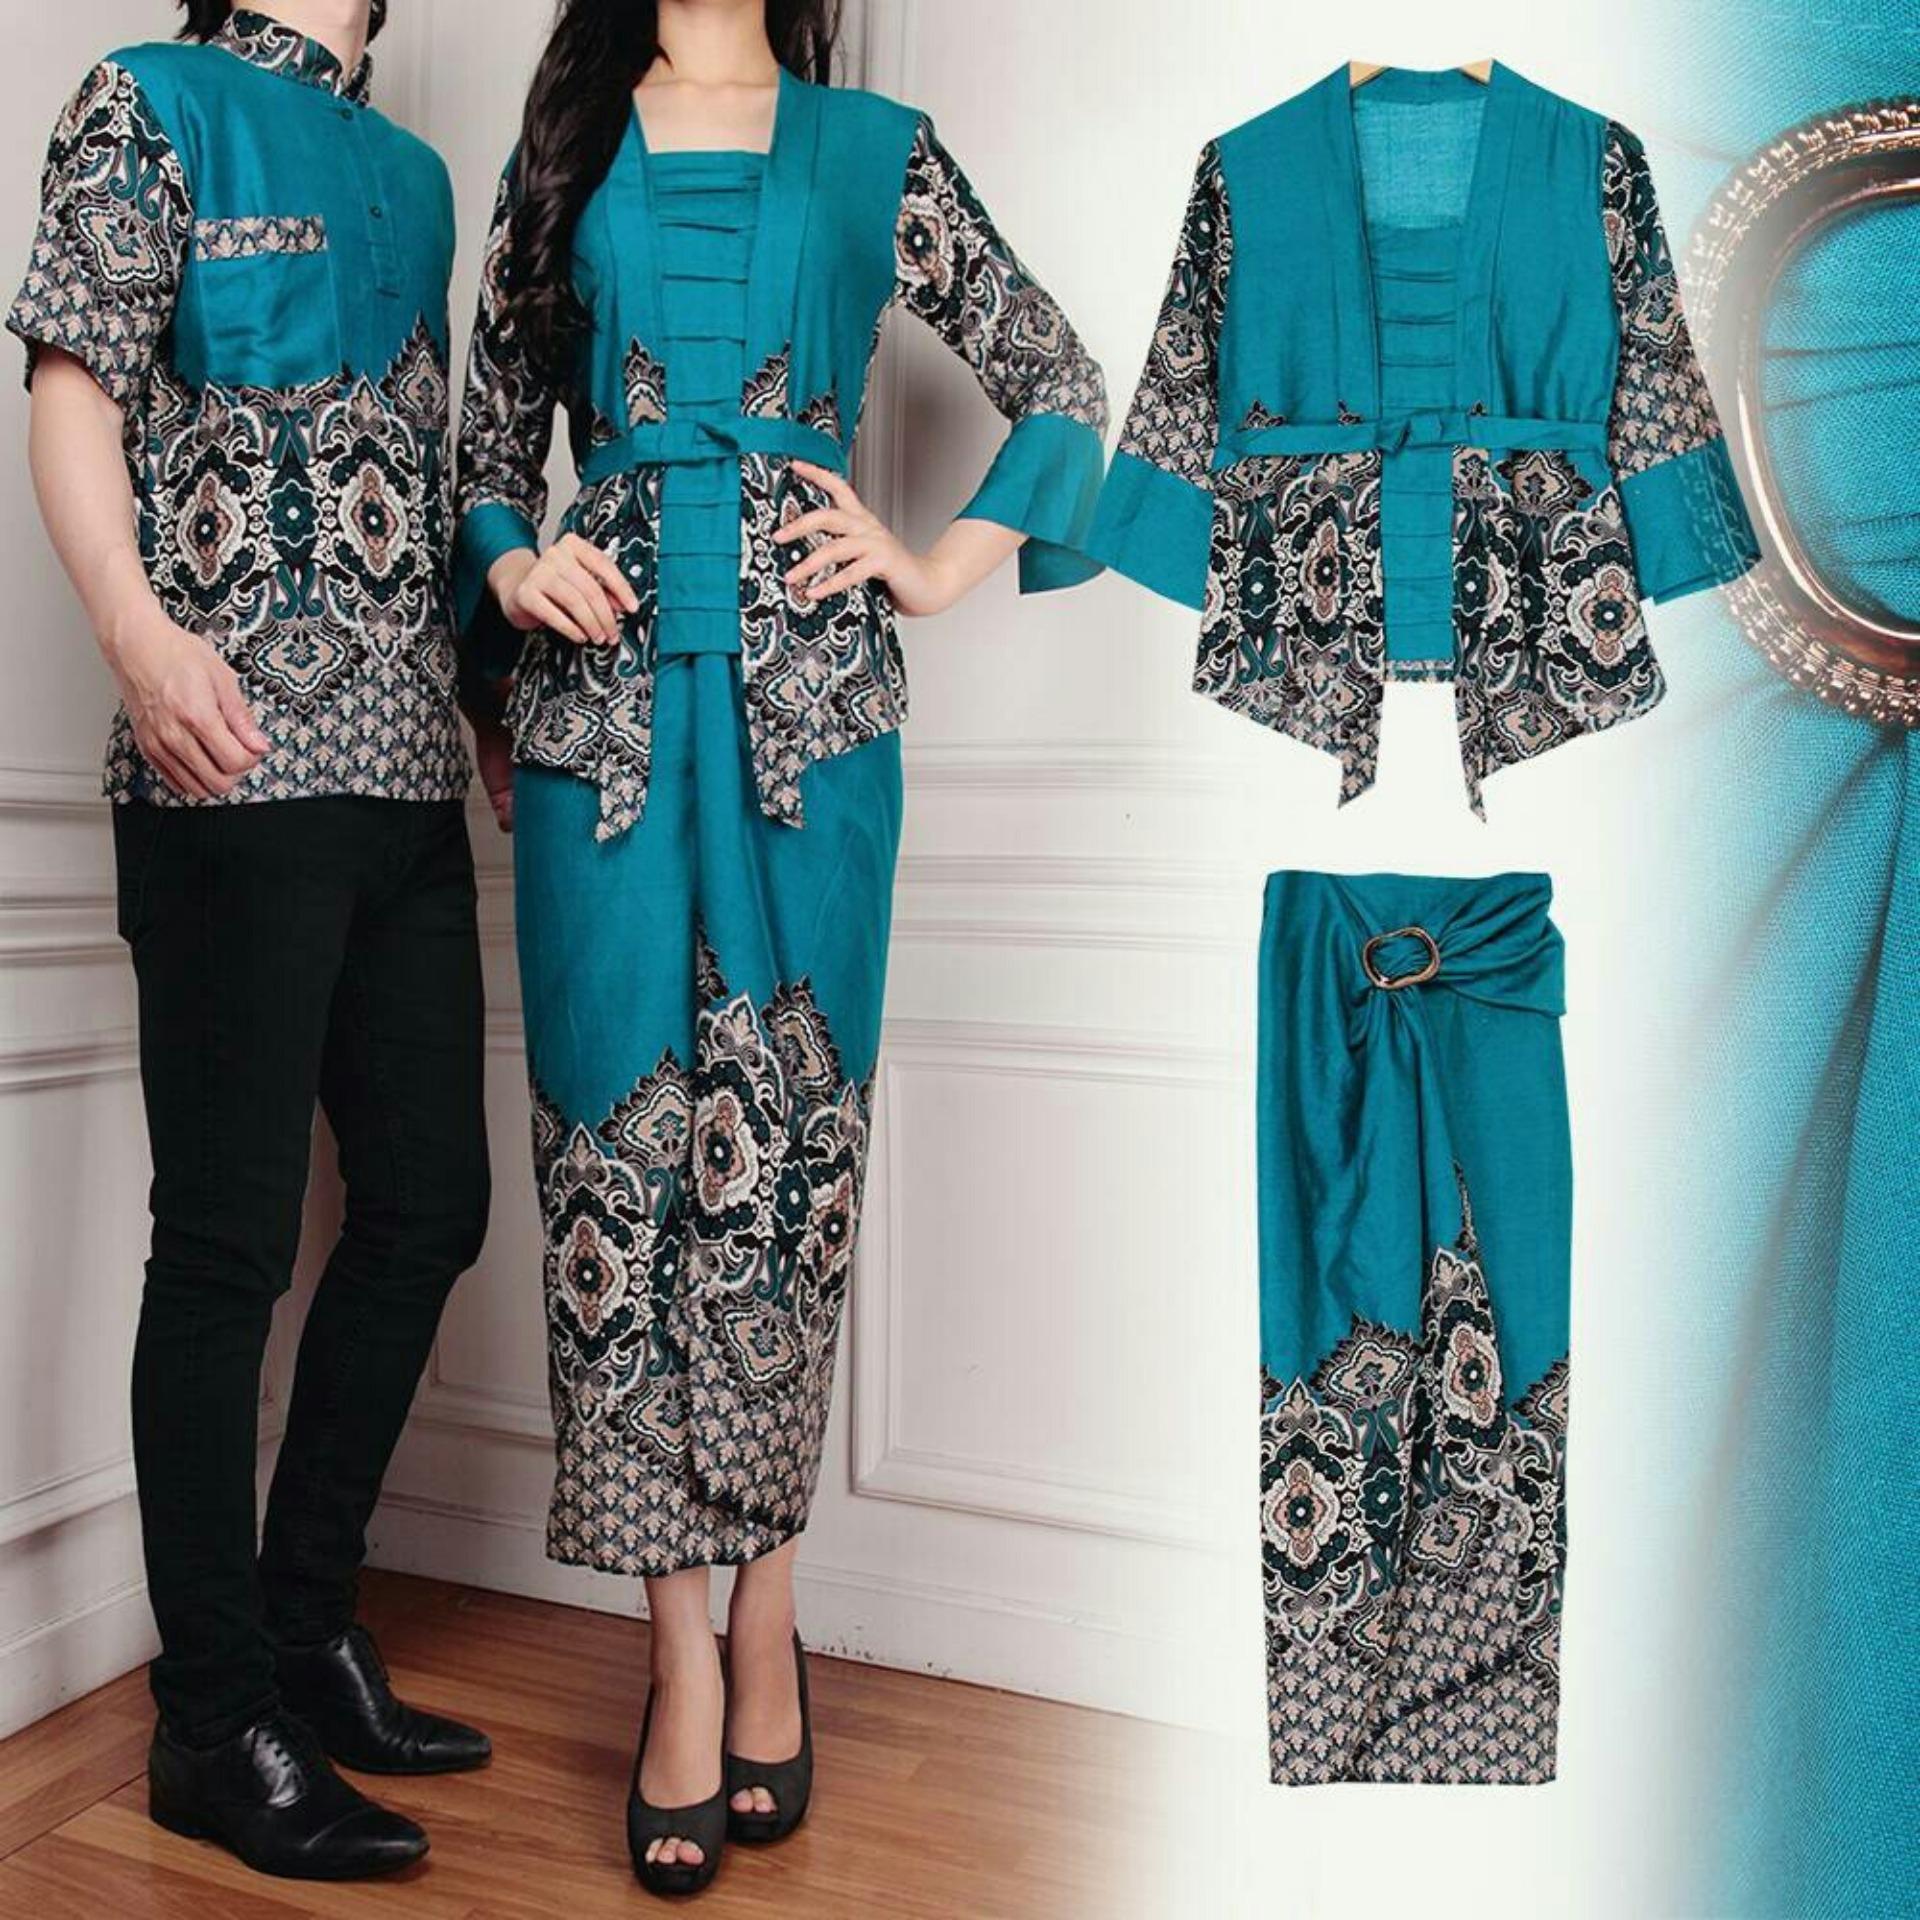 Koko Info Harga Busana Promo Terbaru Hanya Untuk Anda Baju Pesta Couple Modern Desain Trendi Flavia Store Batik Fs0606 Tosca Sarimbit Pasangan Sepasang